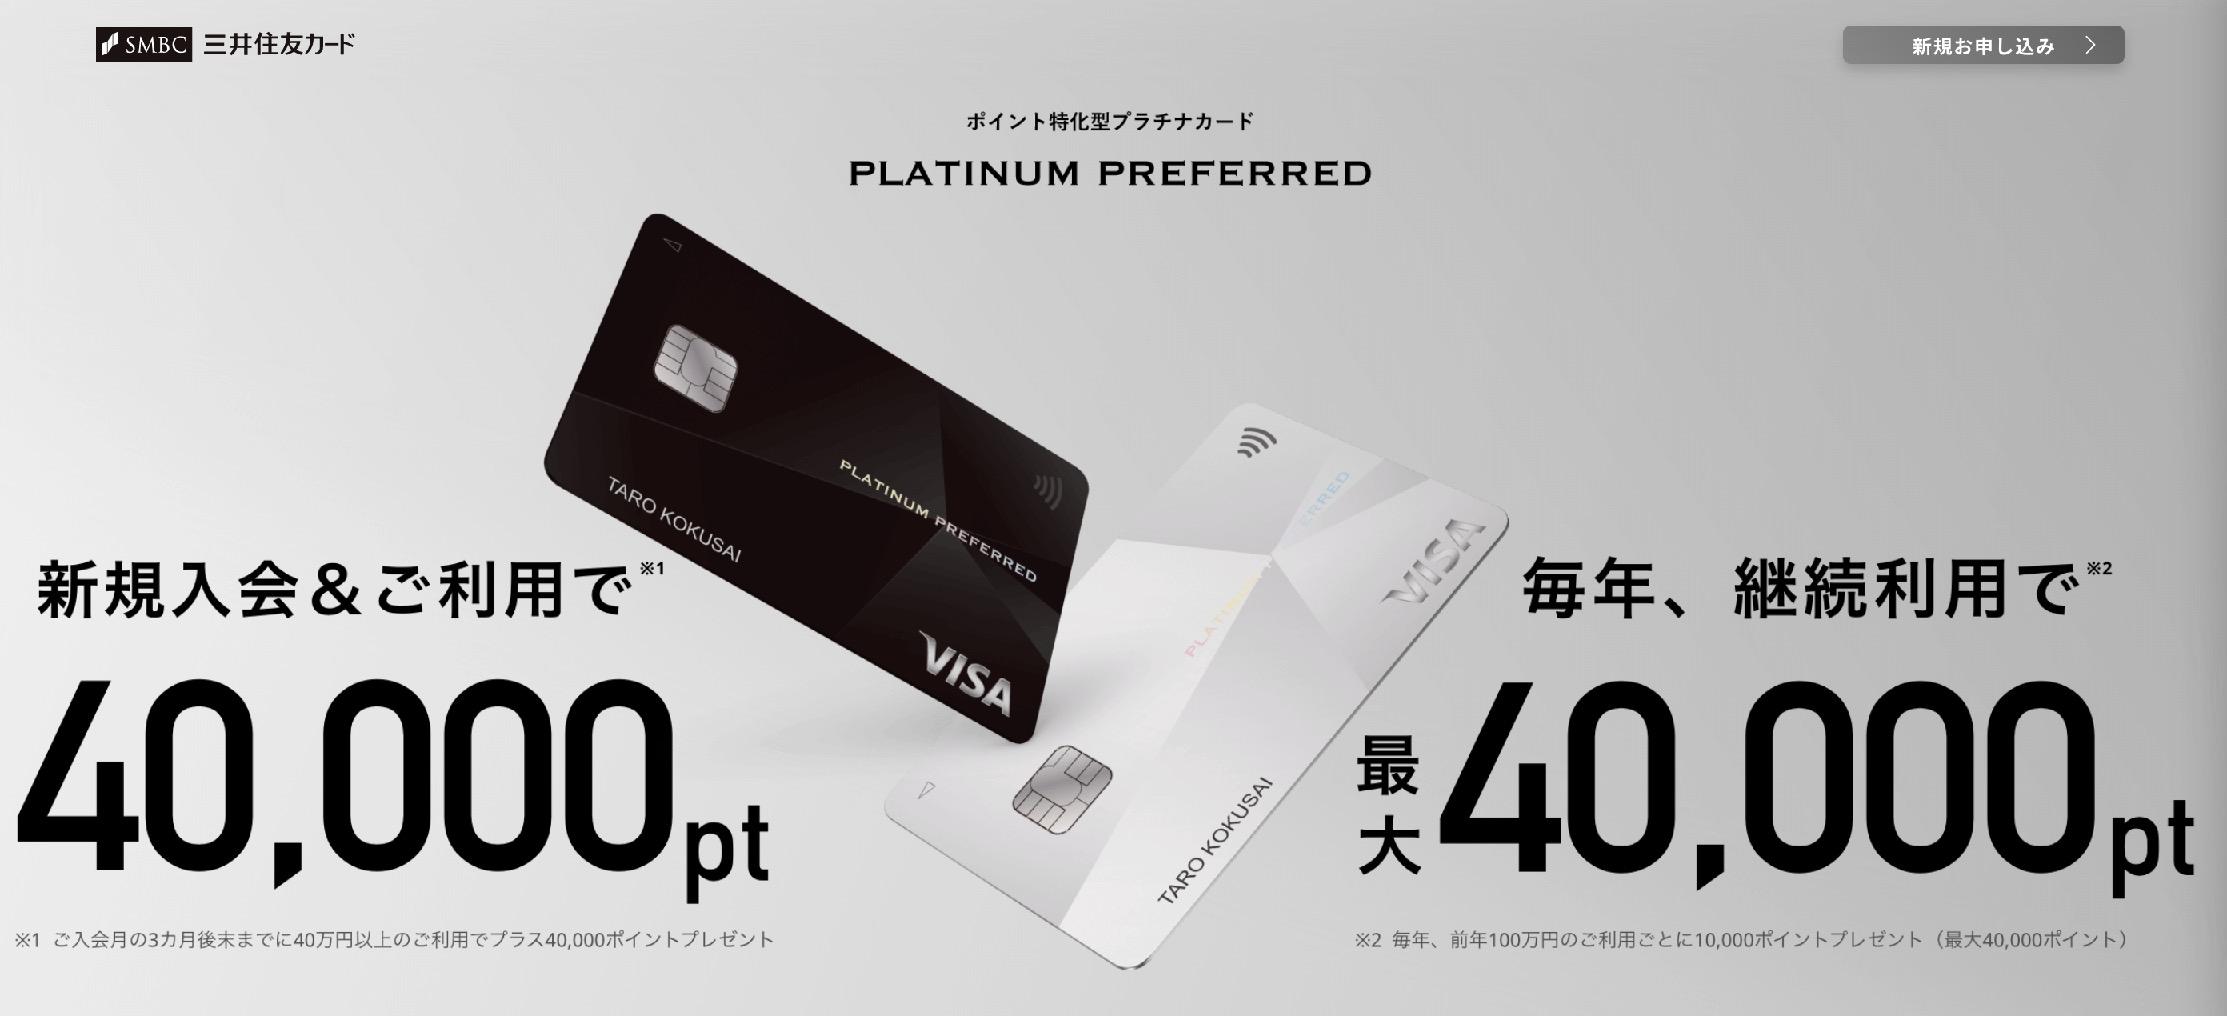 三井住友カード「PLATINUM PREFERRED(プラチナプリファード)」の入会キャンペーン(Top画像)